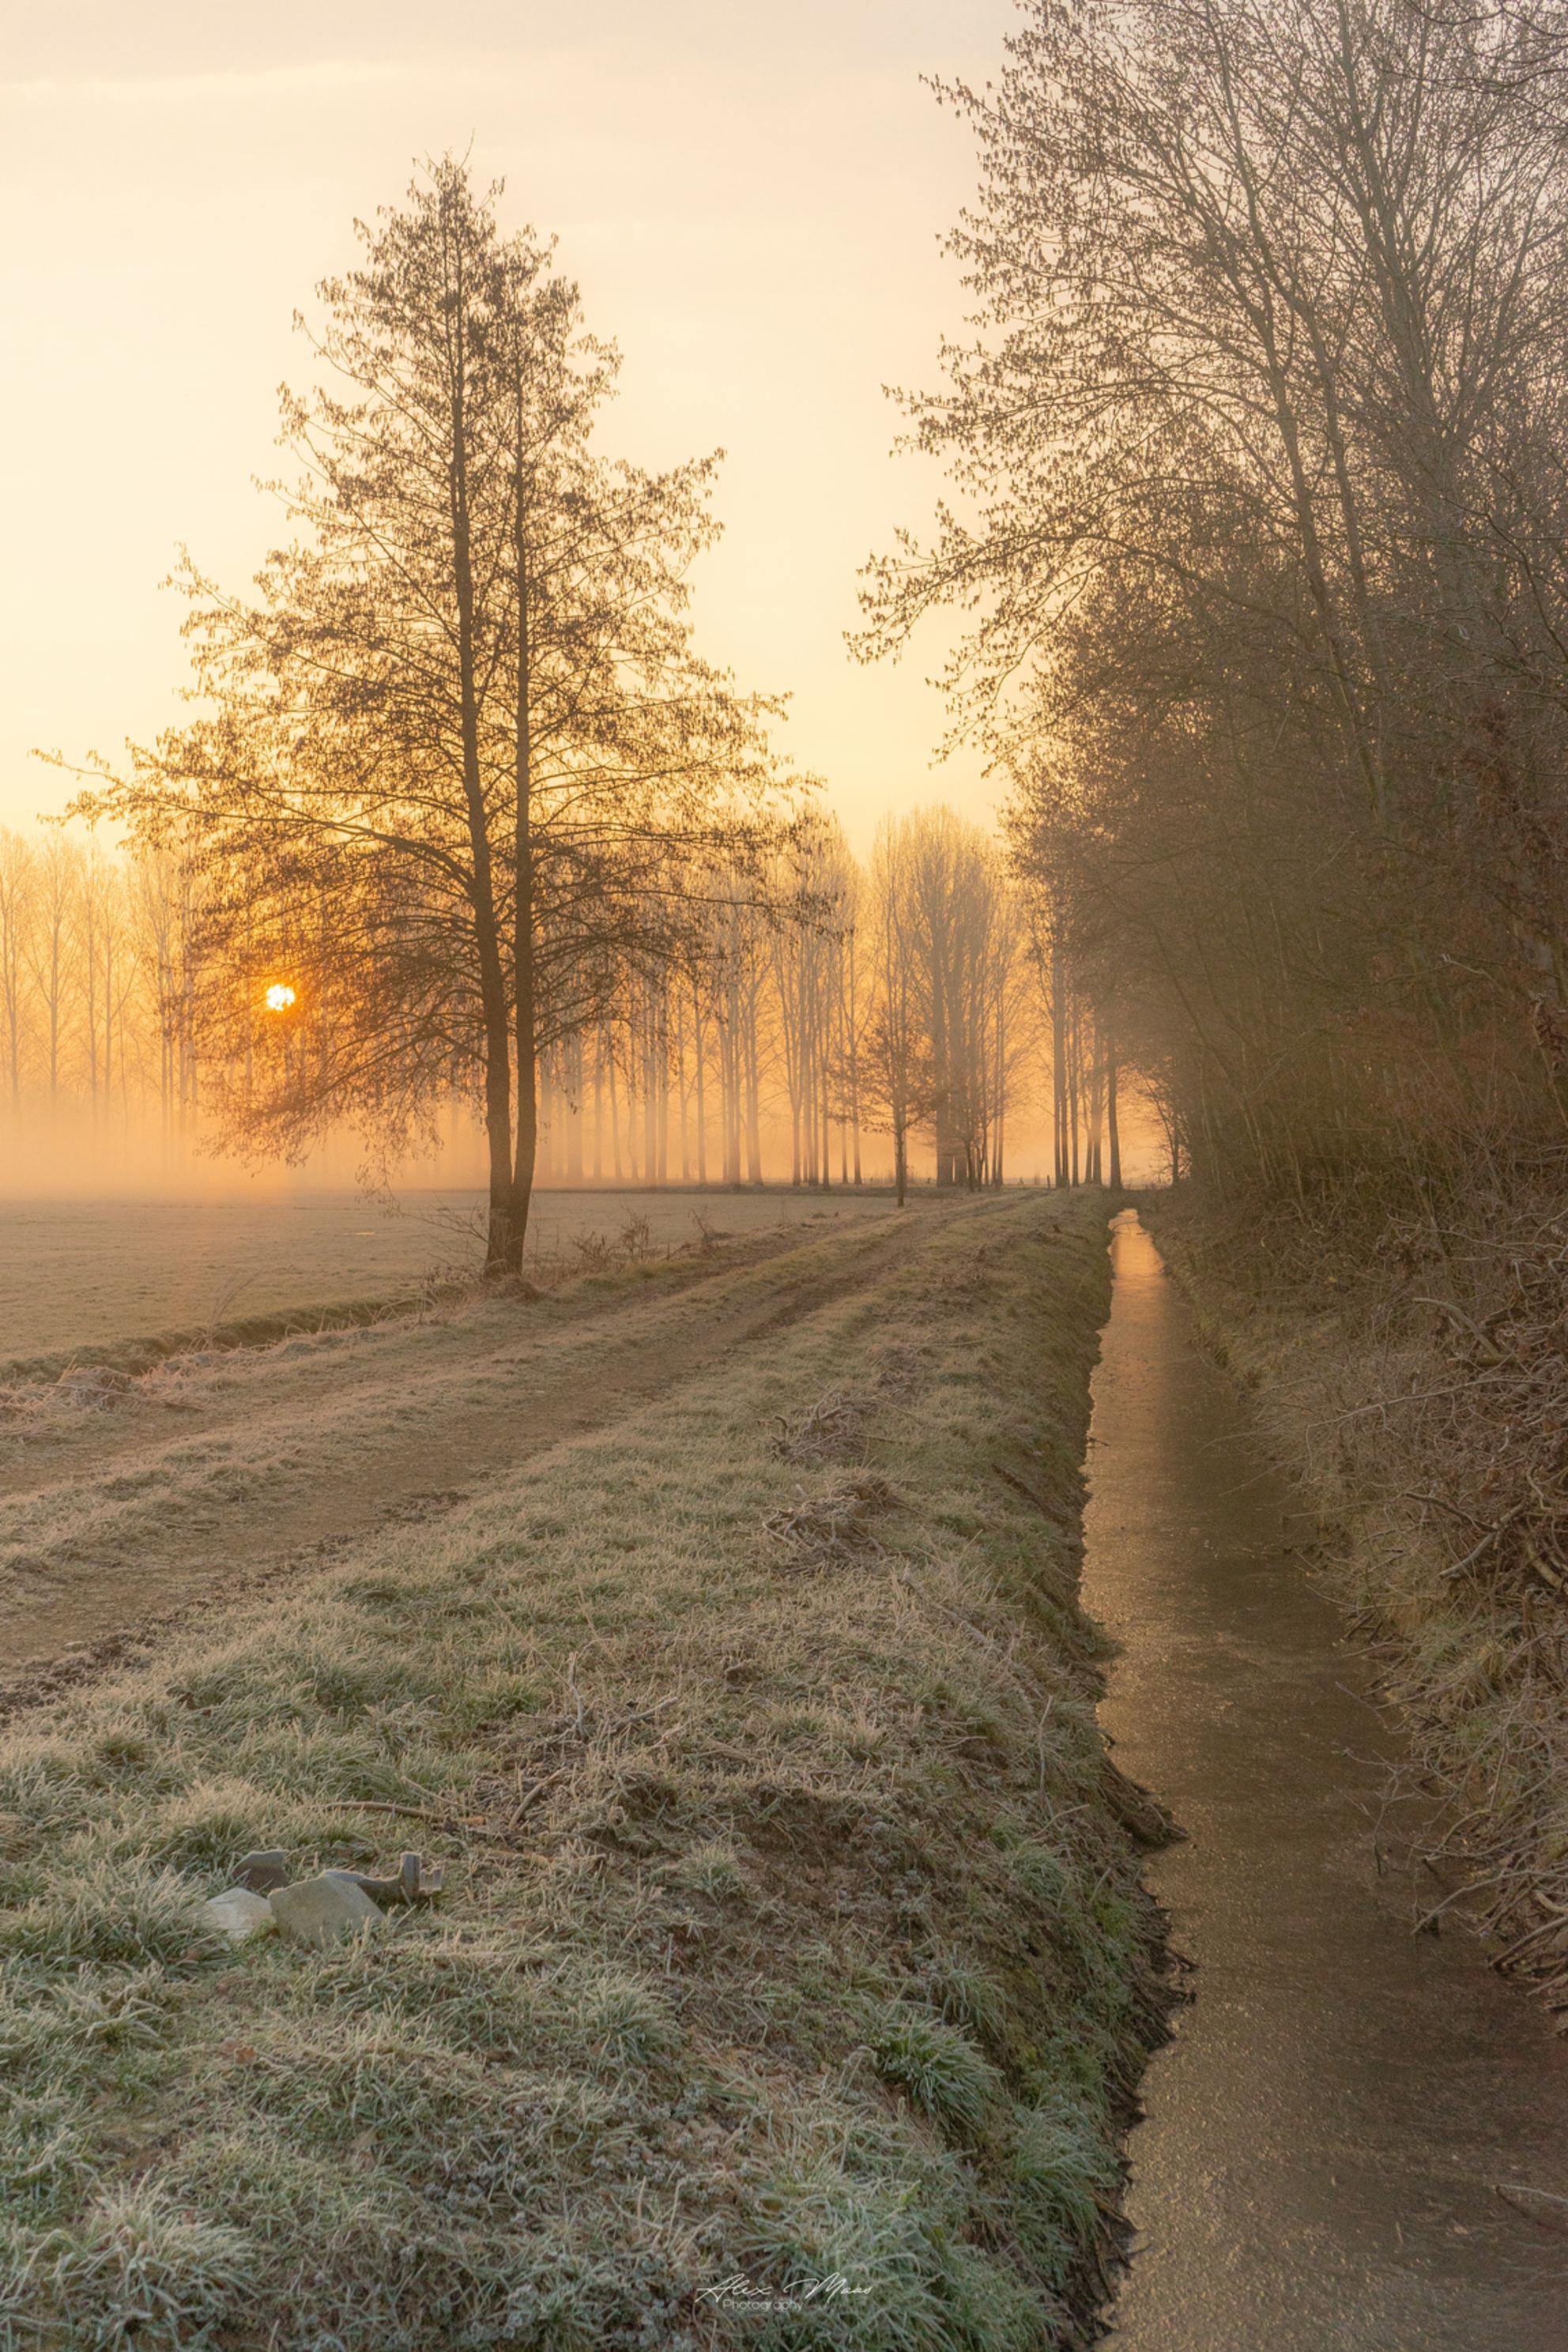 Don't you feel you get value for your day if you've actually watched the sunrise? - Mistige en prachtige omstandigheden bij waterwingebied in Lieshout ☺️ - foto door Alex-Maas1 op 30-03-2021 - deze foto bevat: lucht, wolken, zon, water, dijk, lente, natuur, licht, ijs, landschap, mist, tegenlicht, zonsopkomst, bomen, zand, rivier, polder, hdr, lange sluitertijd